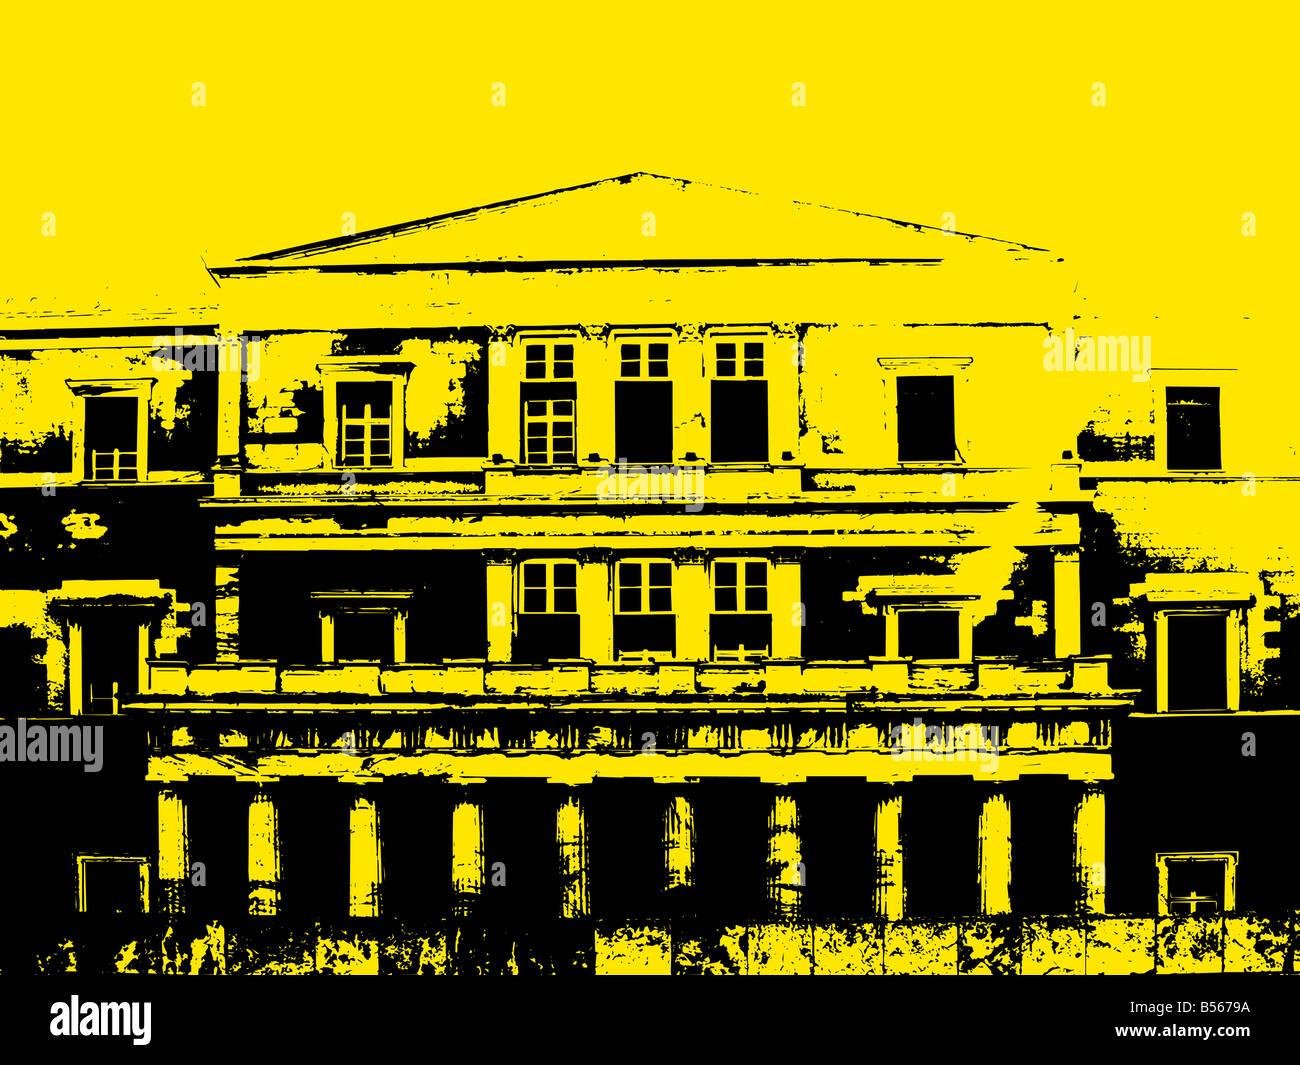 Edificio Grunge antecedentes Imagen De Stock